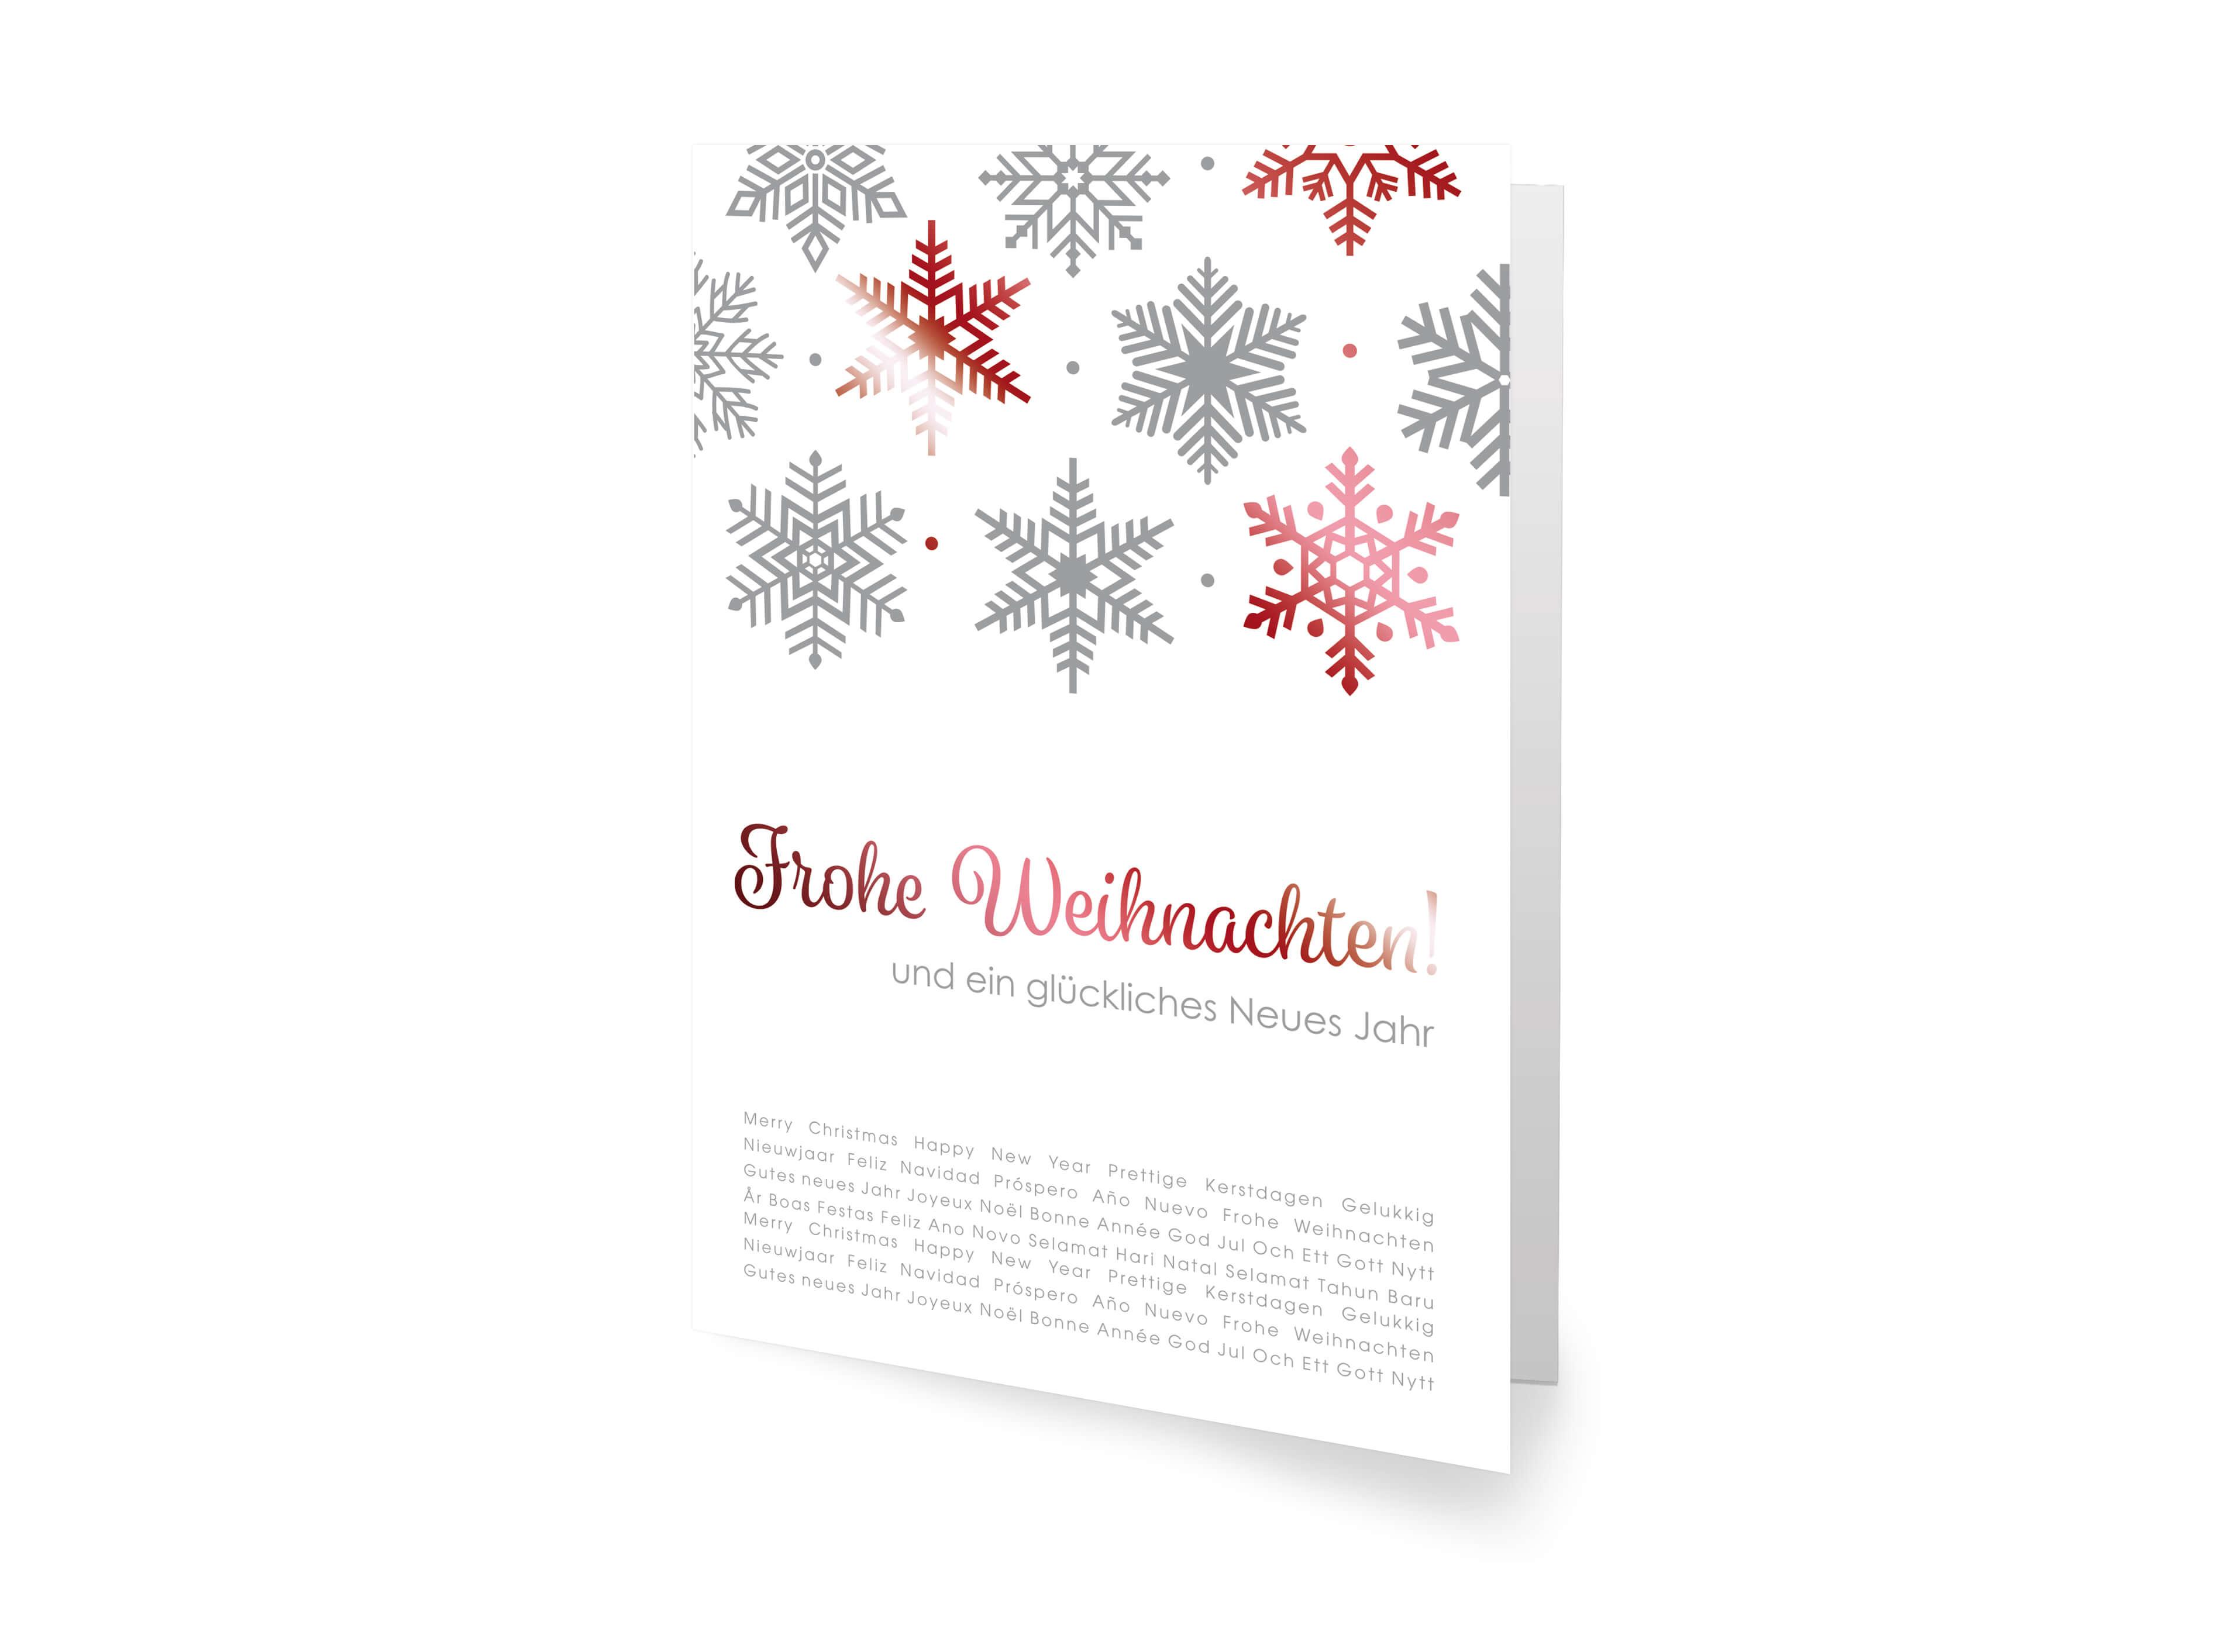 klassische weihnachtskarte mit gutem zweck deutscher. Black Bedroom Furniture Sets. Home Design Ideas